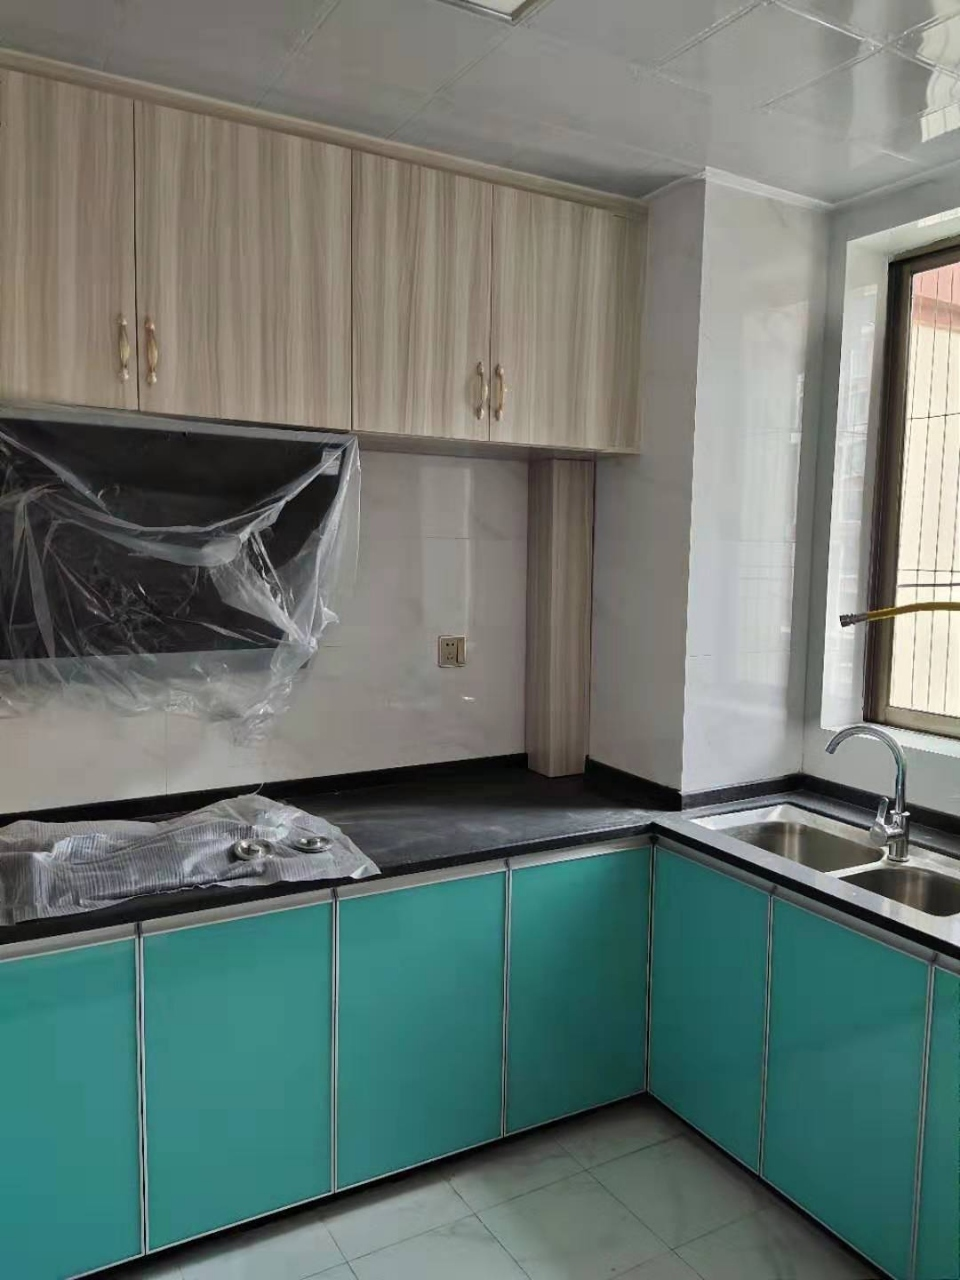 桃江龙城3室 2厅 2卫96万元